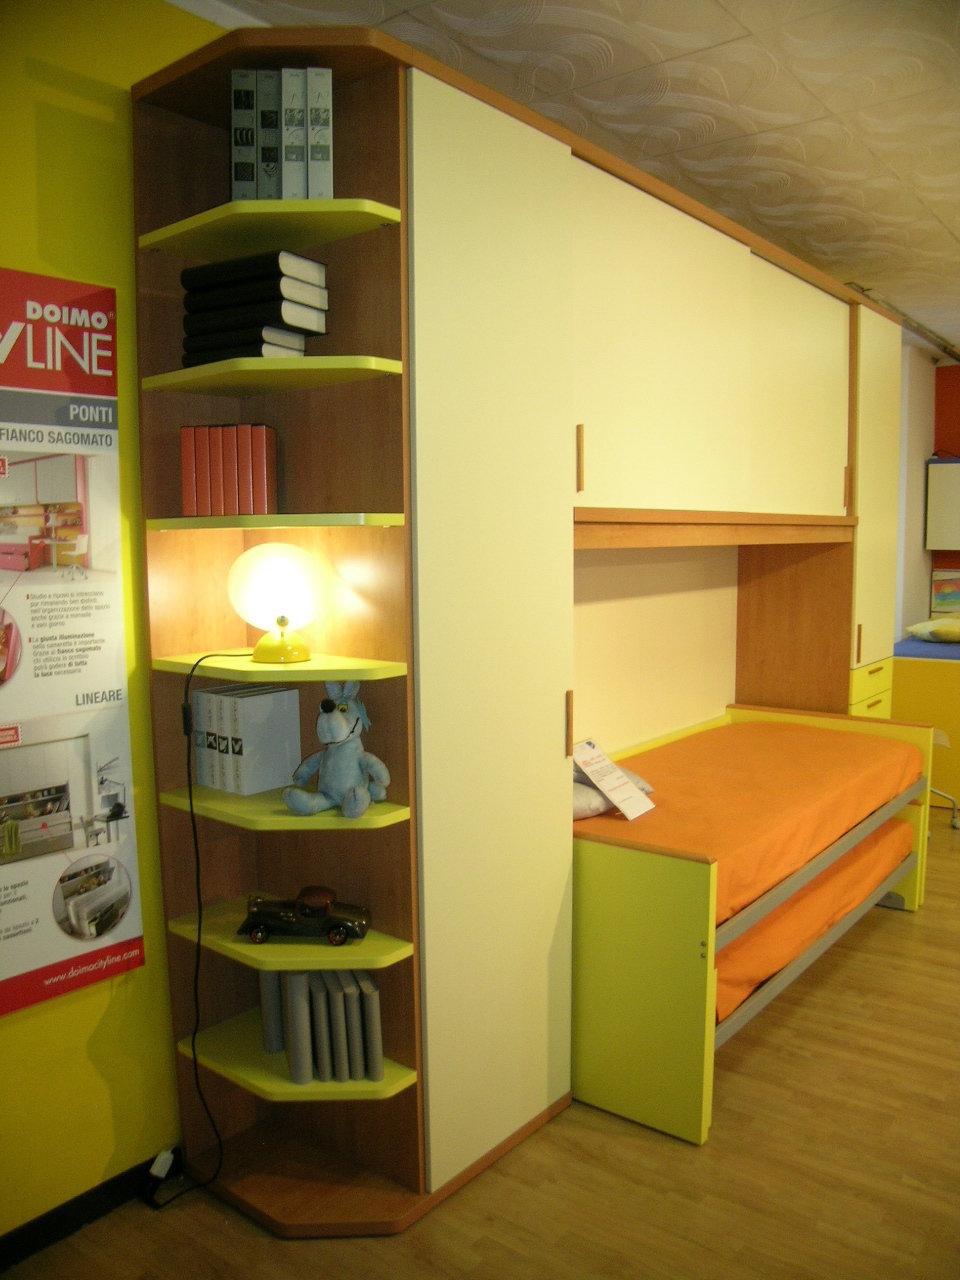 Cameretta Doimo Cityline 3137 Camerette A Prezzi Scontati